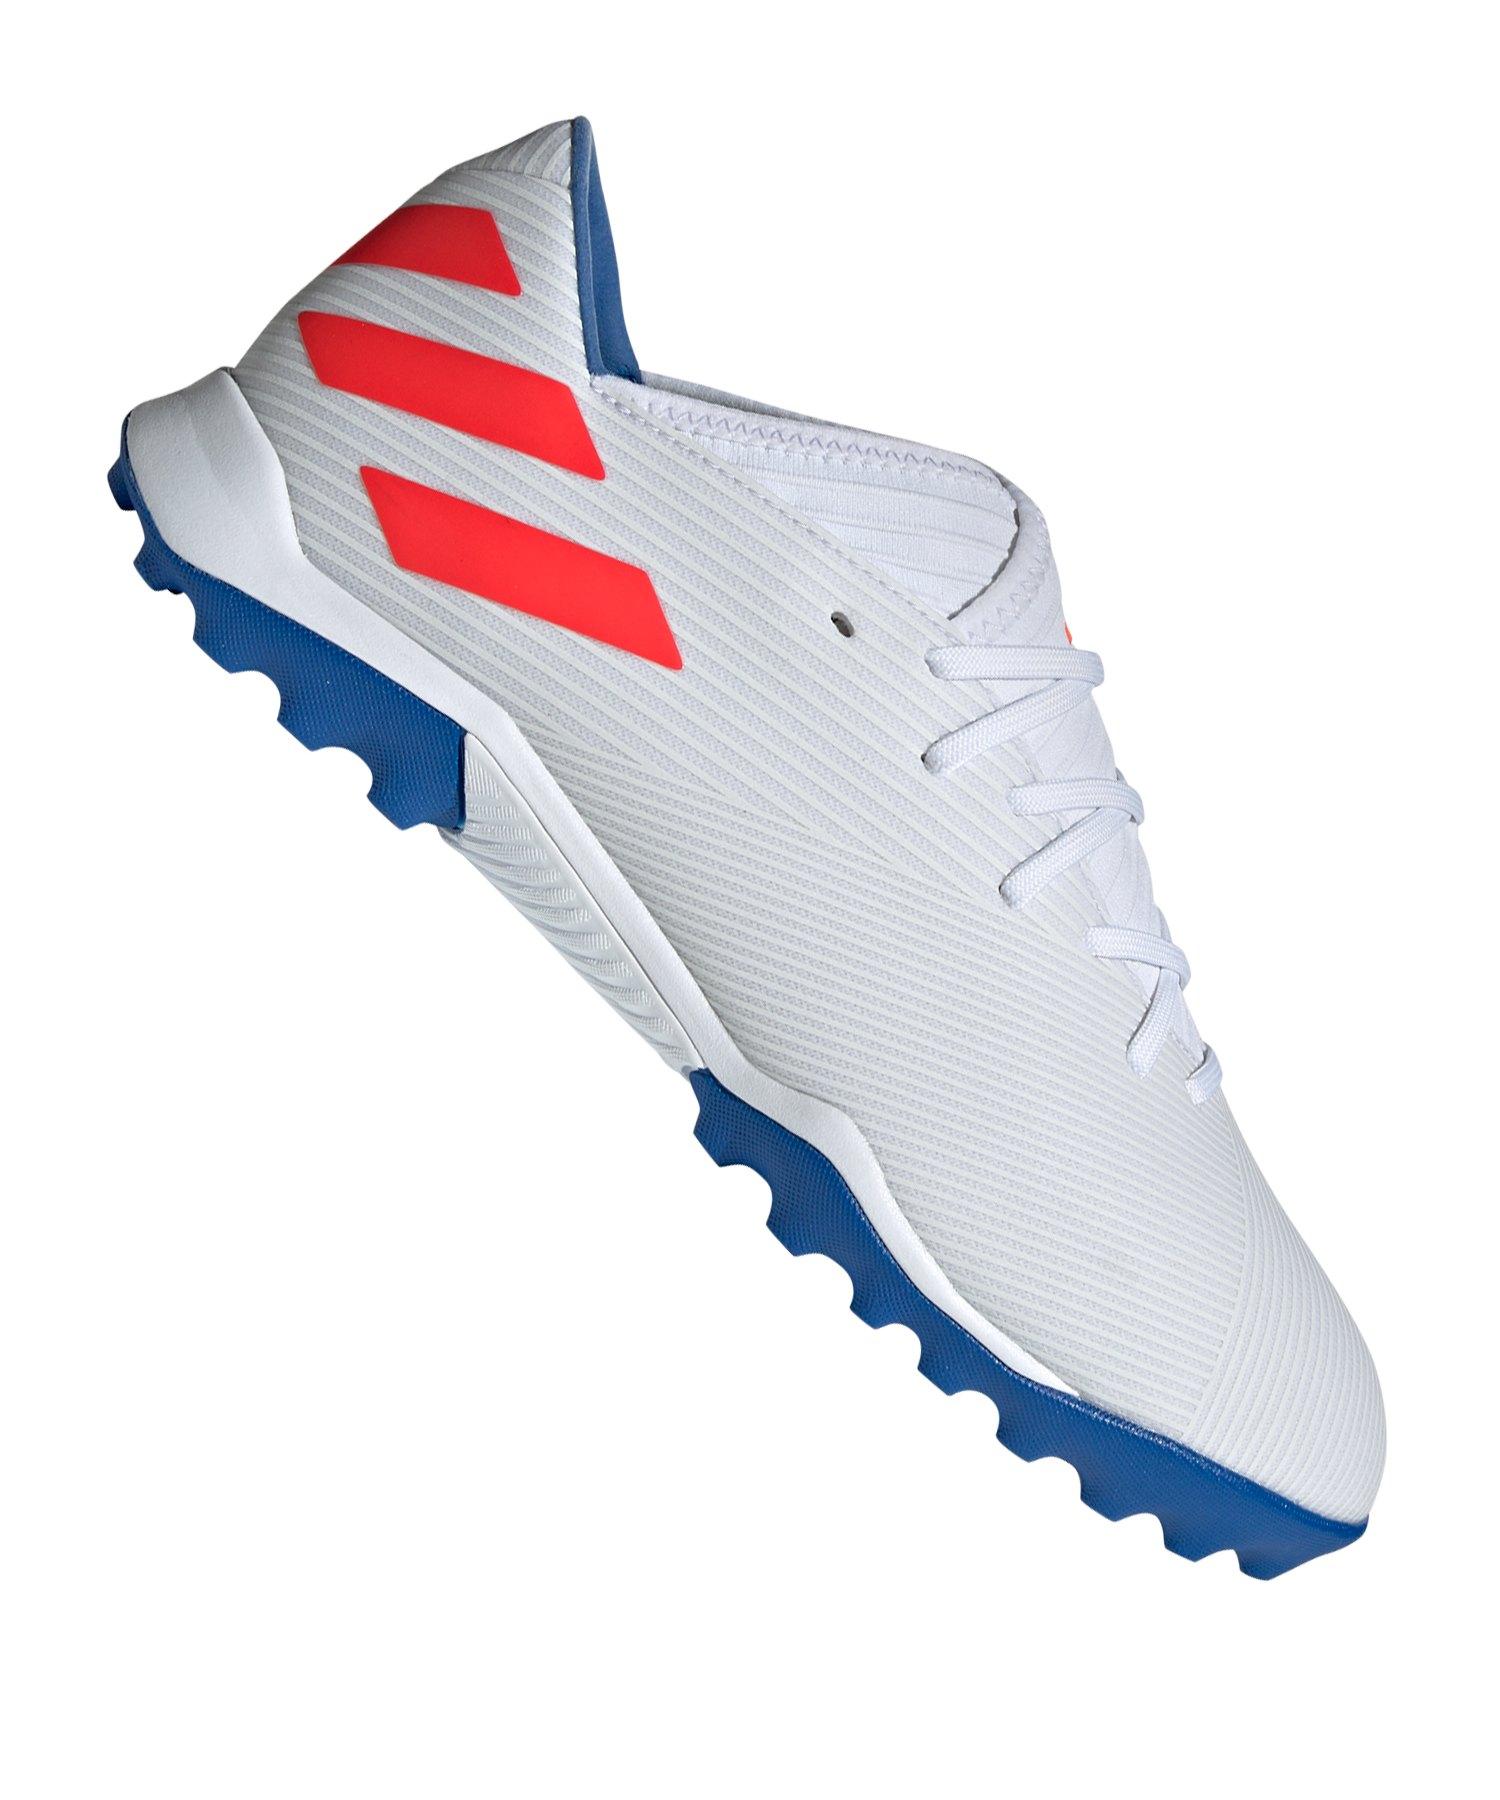 adidas NEMEZIZ Messi 19.3 TF Weiss Blau - Weiss